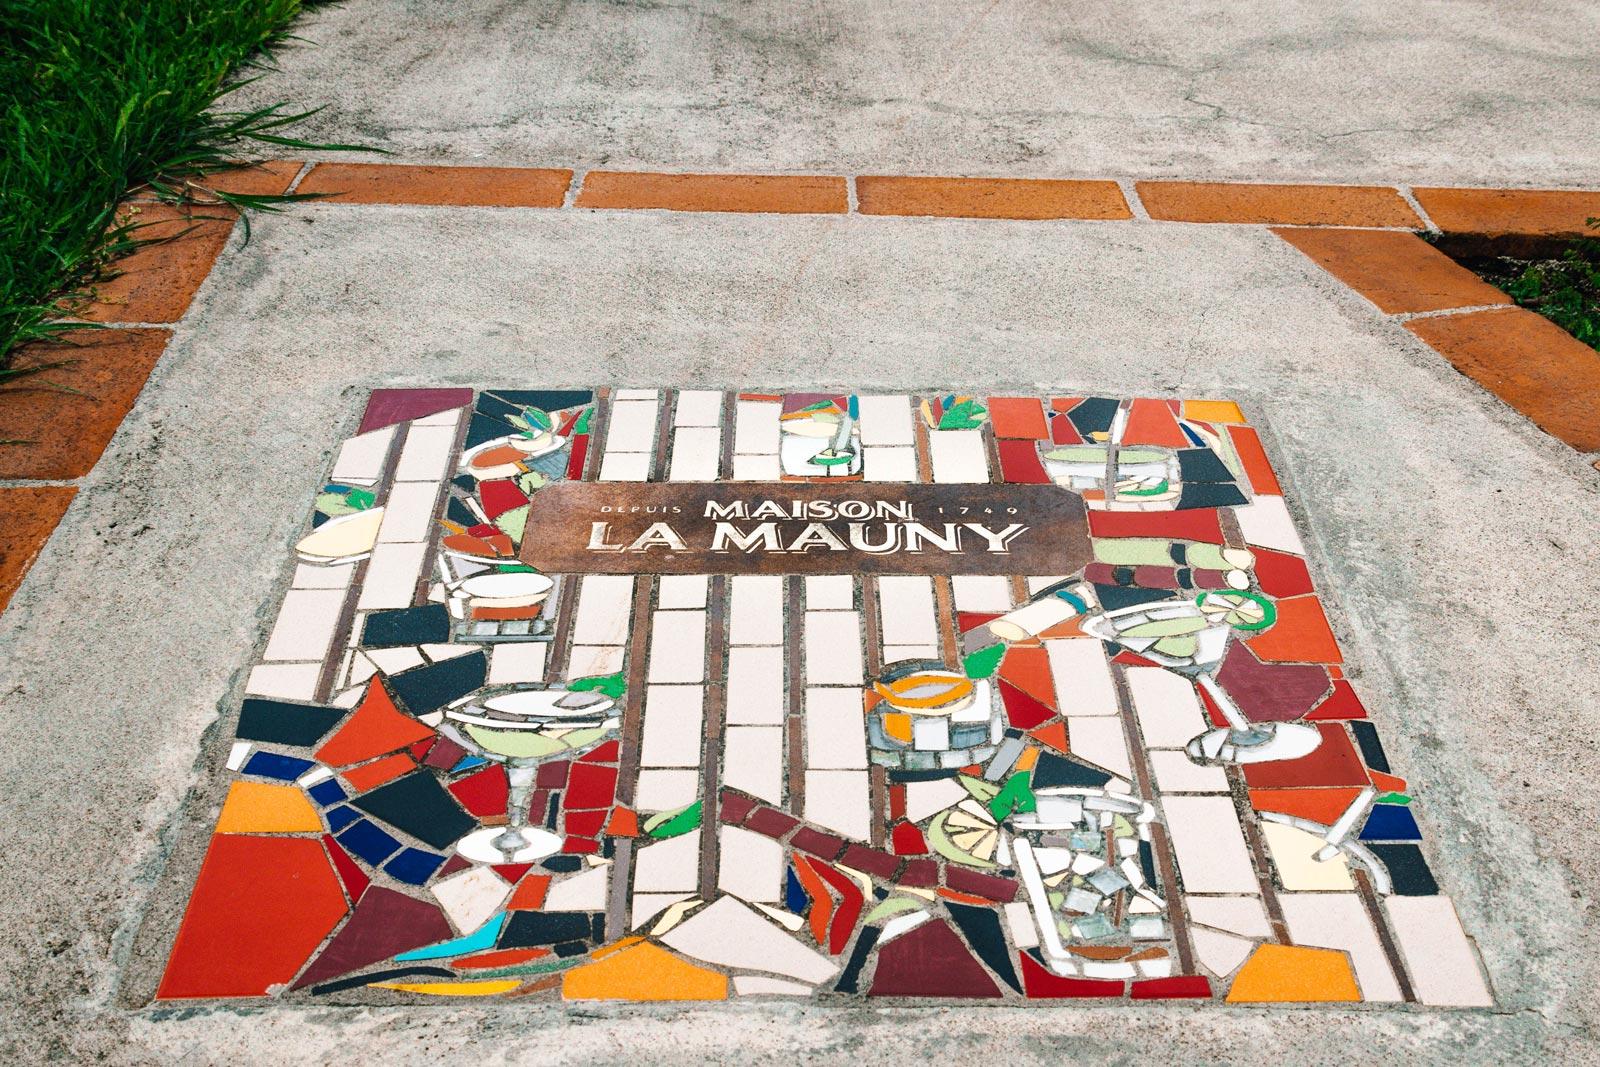 Distillerie La Mauny : mosaïque au sol